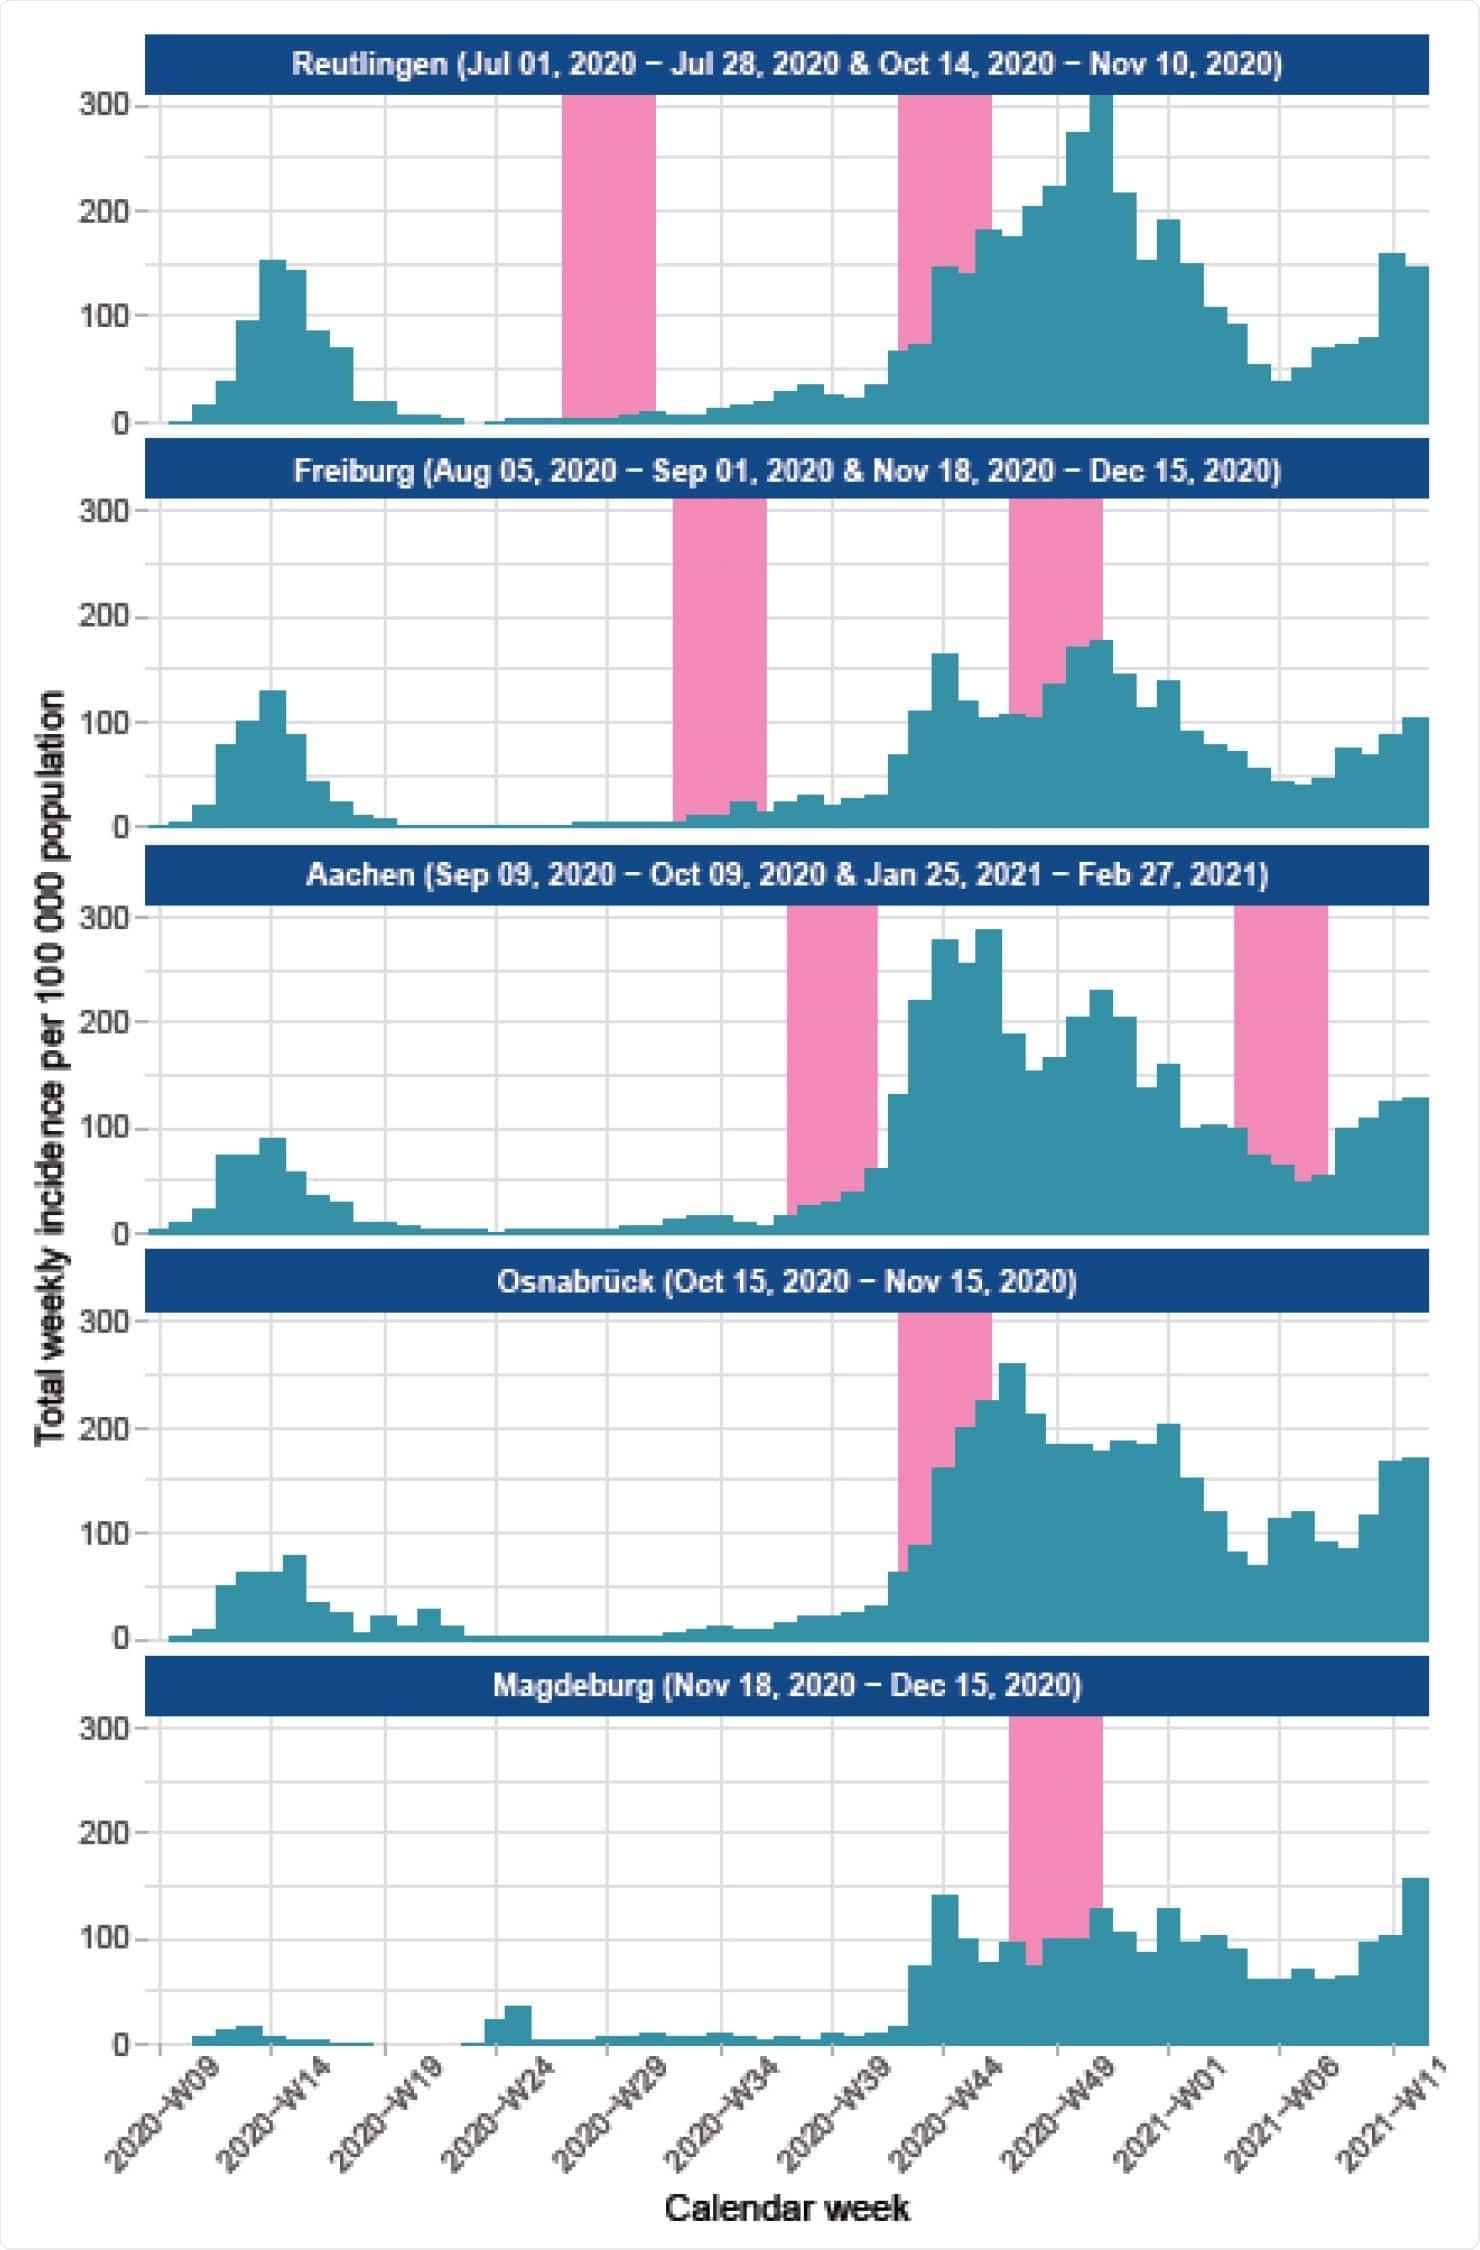 Време за вземане на проби от MuSPAD за сайт в сравнение със съобщените случаи Източник @RKI в Германия, юли 2020 г.-февруари 2021 г., Данните за селските райони и град Оснабрюк и Фрайбург са обобщени.